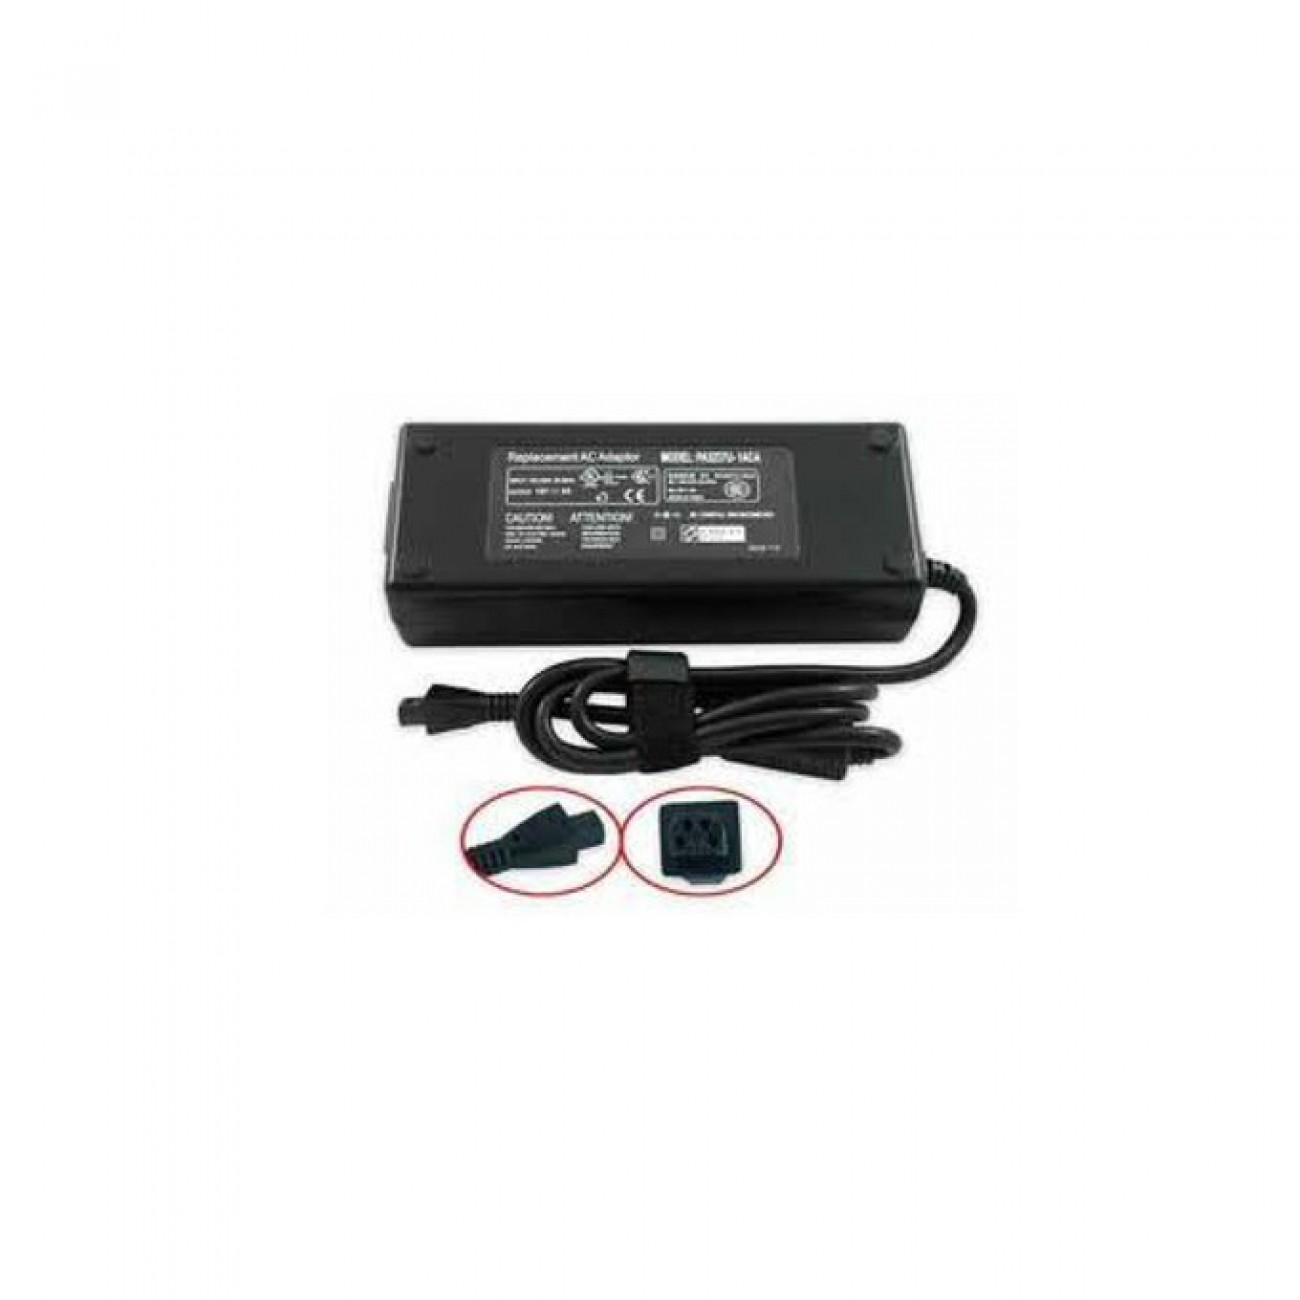 Захранване (заместител) за лаптопи Toshiba, 15V/8A/120W, 4-пинова букса в Захранвания за Лаптопи -  | Alleop